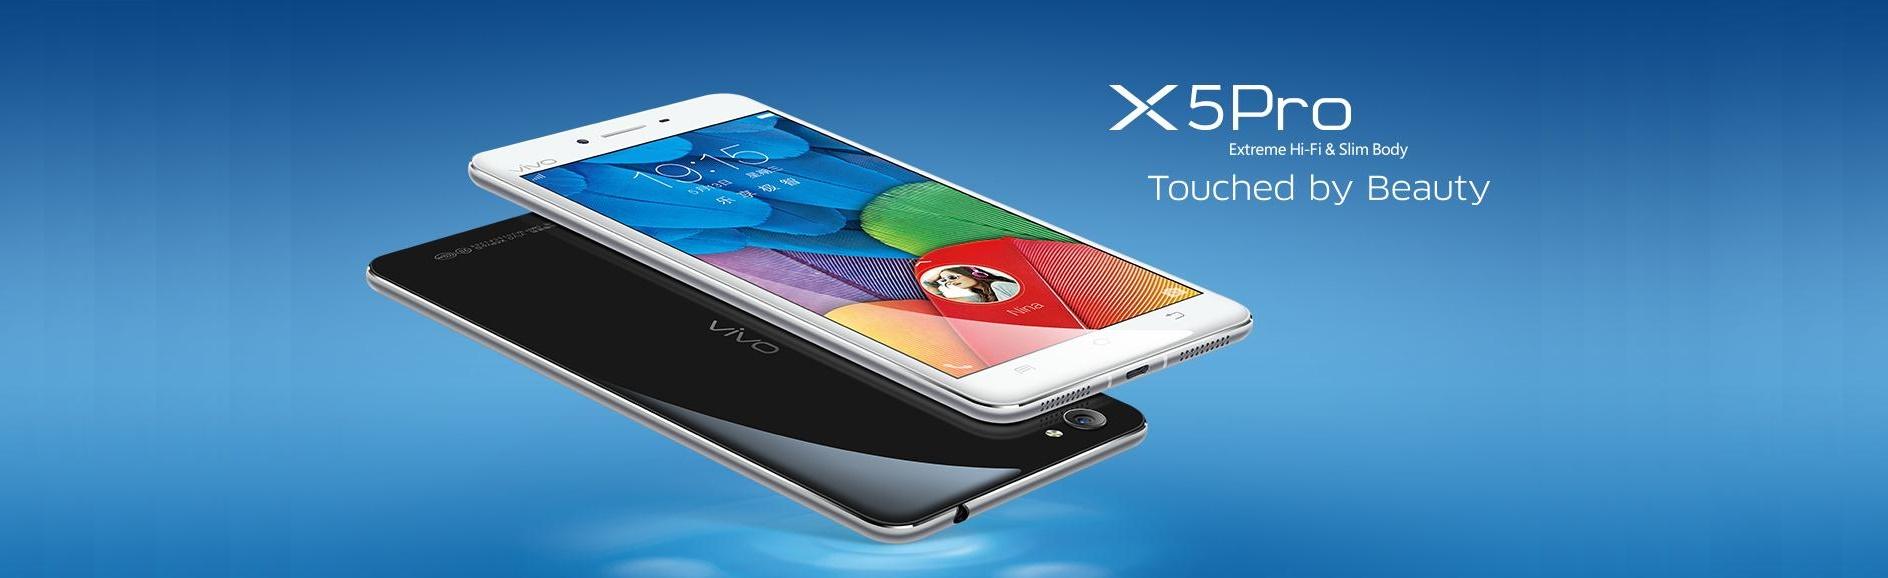 Vivo X5Pro